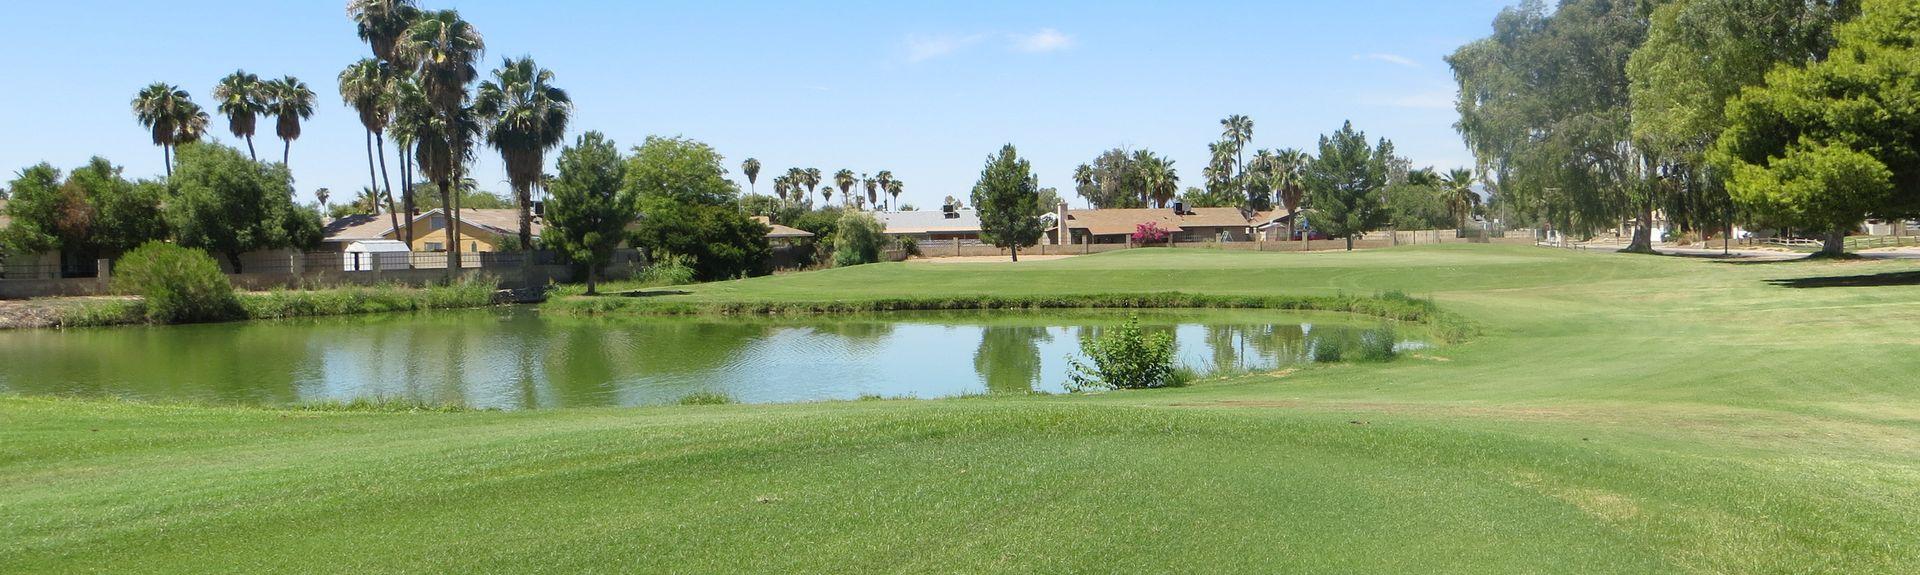 Villa De Paz, Phoenix, AZ, USA